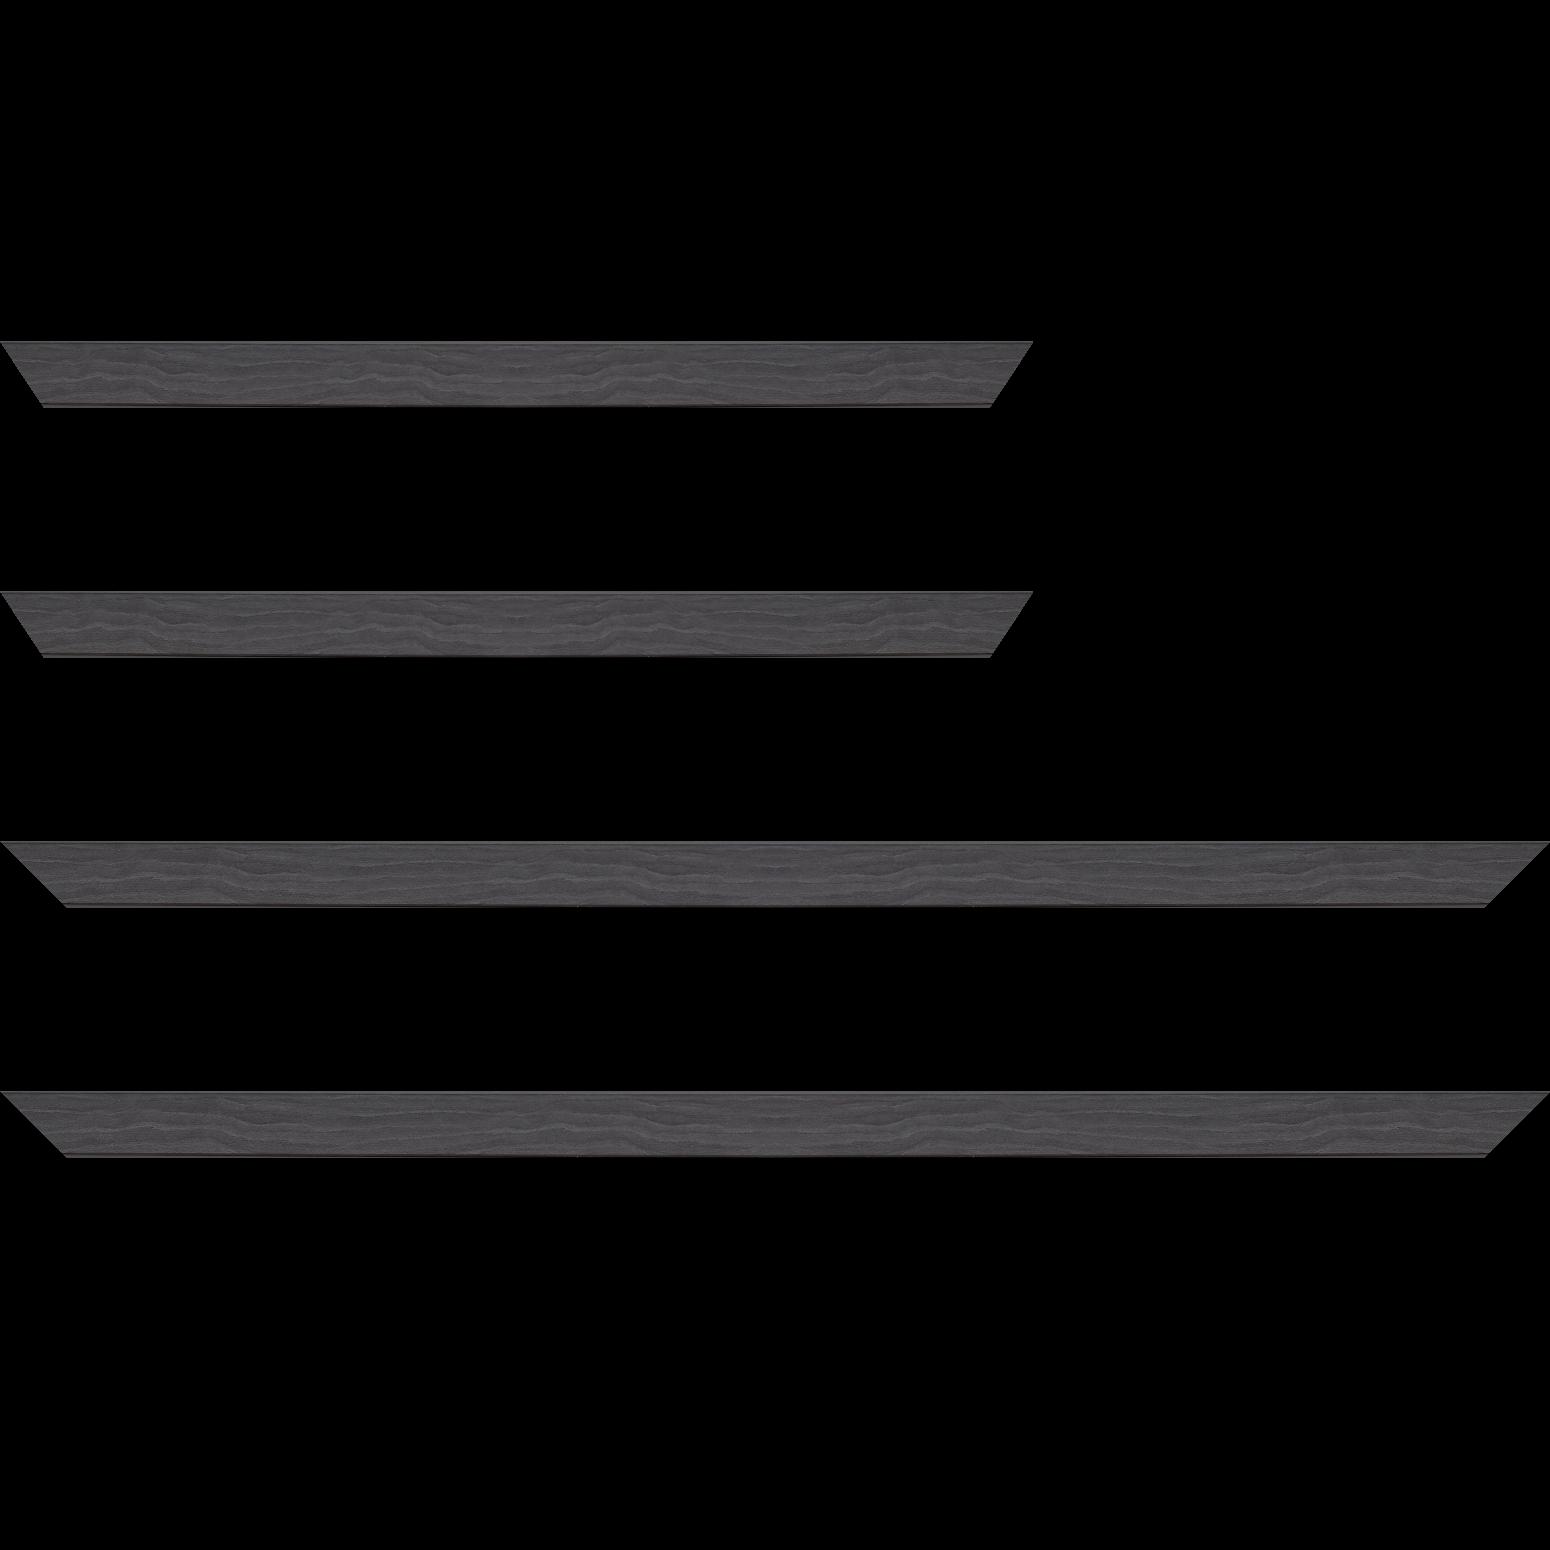 Baguette service précoupé Bois profil plat largeur 2.6cm hauteur 5cm décor bois noir ébène